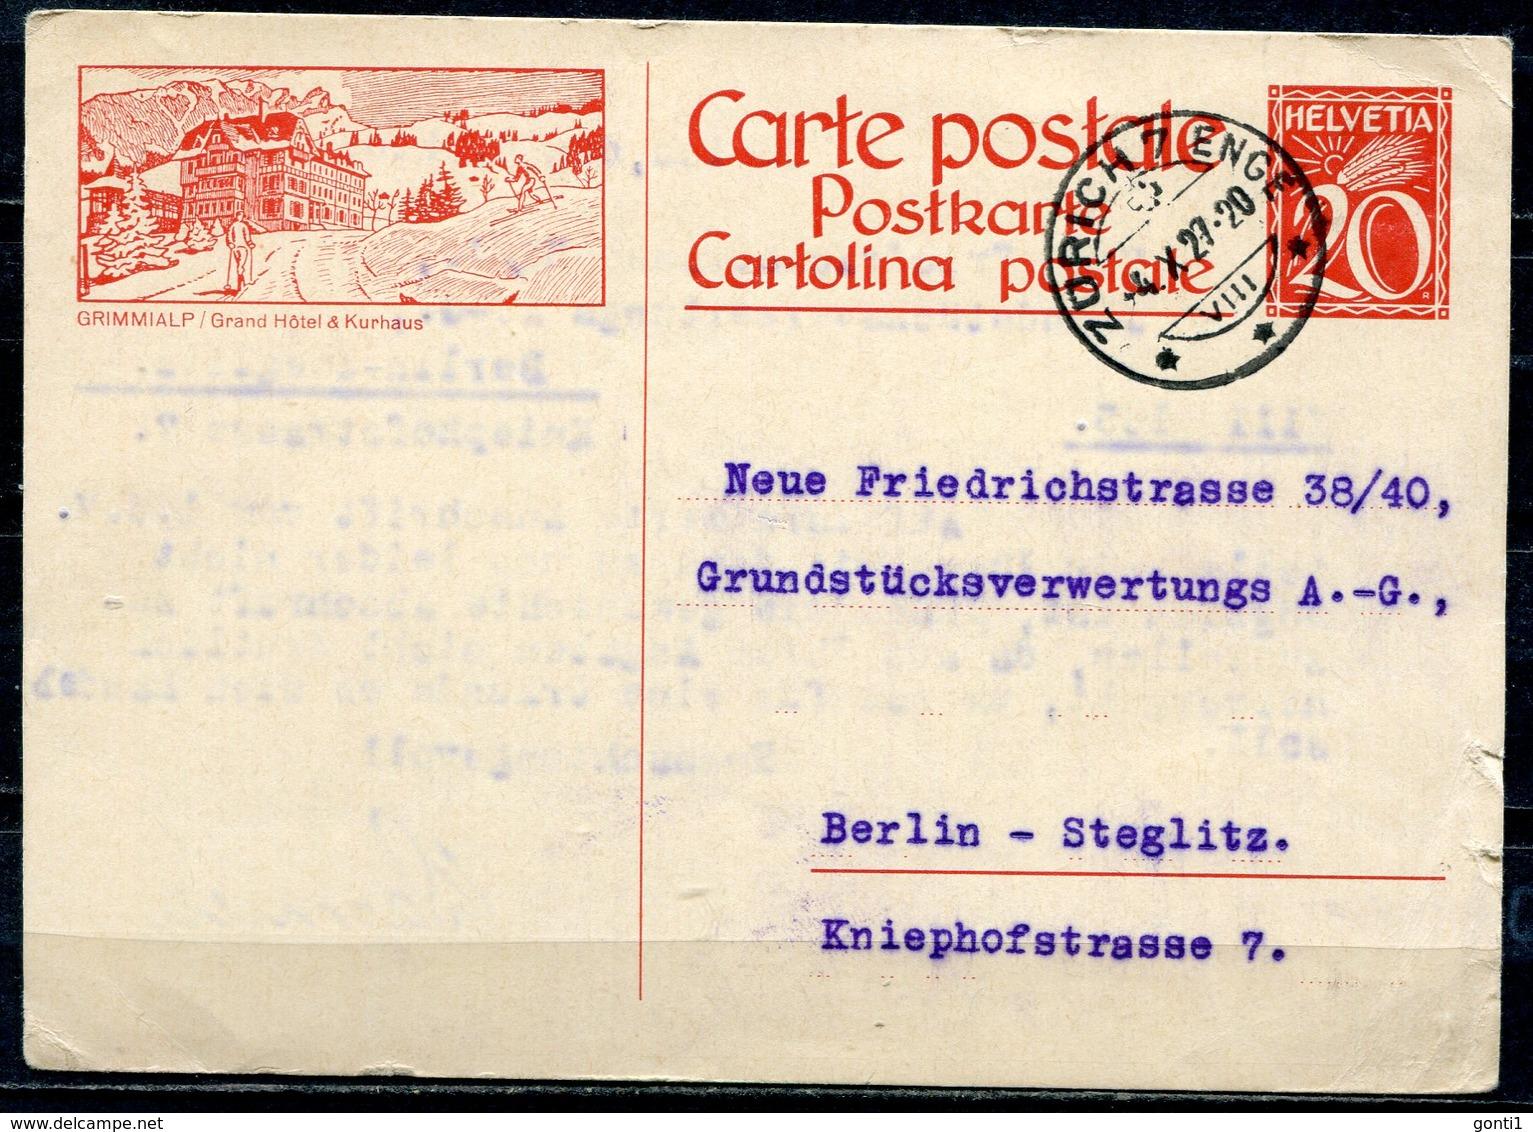 """Schweiz 1927 Bildpostkarte Mi.Nr.P????-20er,rot"""" Grimmialp,Kurhaus"""" Befördert """"Zürich-Berlin,Germany  """"1 GS Used - Ganzsachen"""